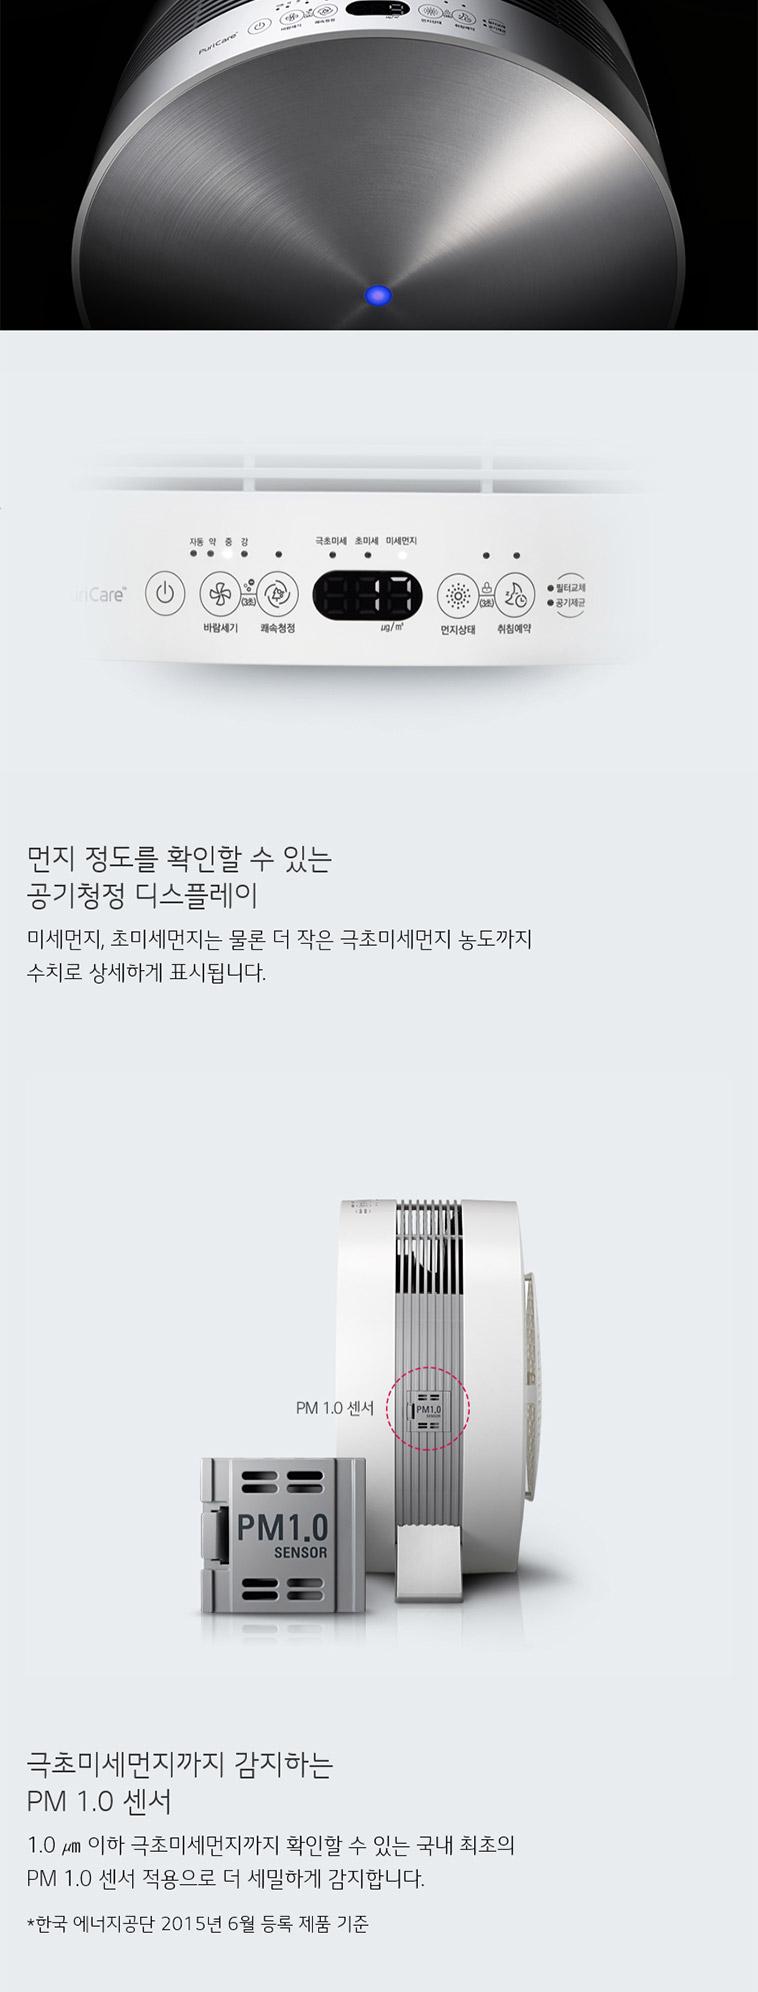 [즉시할인] LG공기청정기 AS121VAS - 상세정보